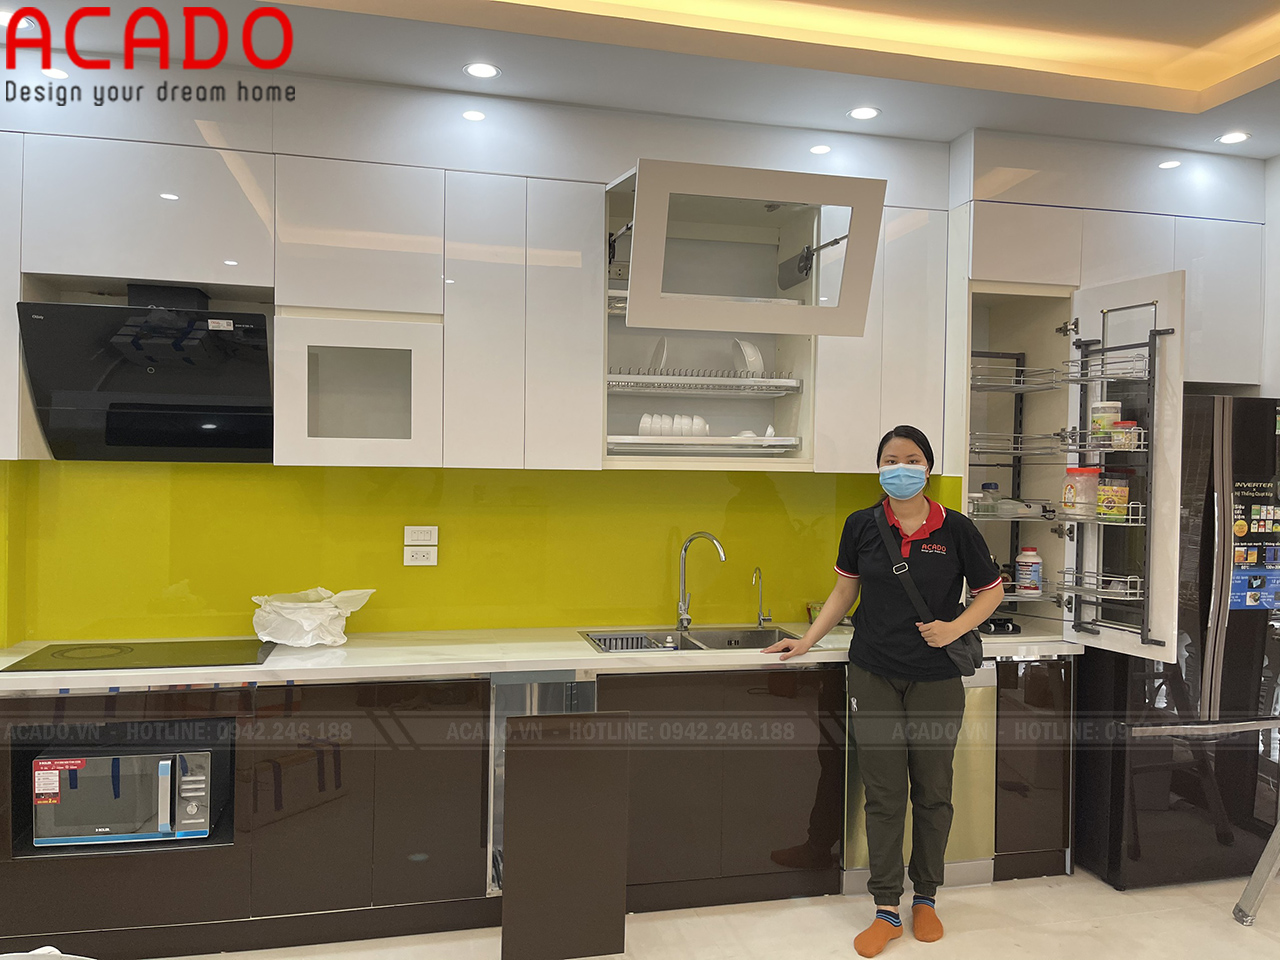 Kính bếp màu vàng tạo điểm nhấn giúp tủ bếp trở nên nổi bật